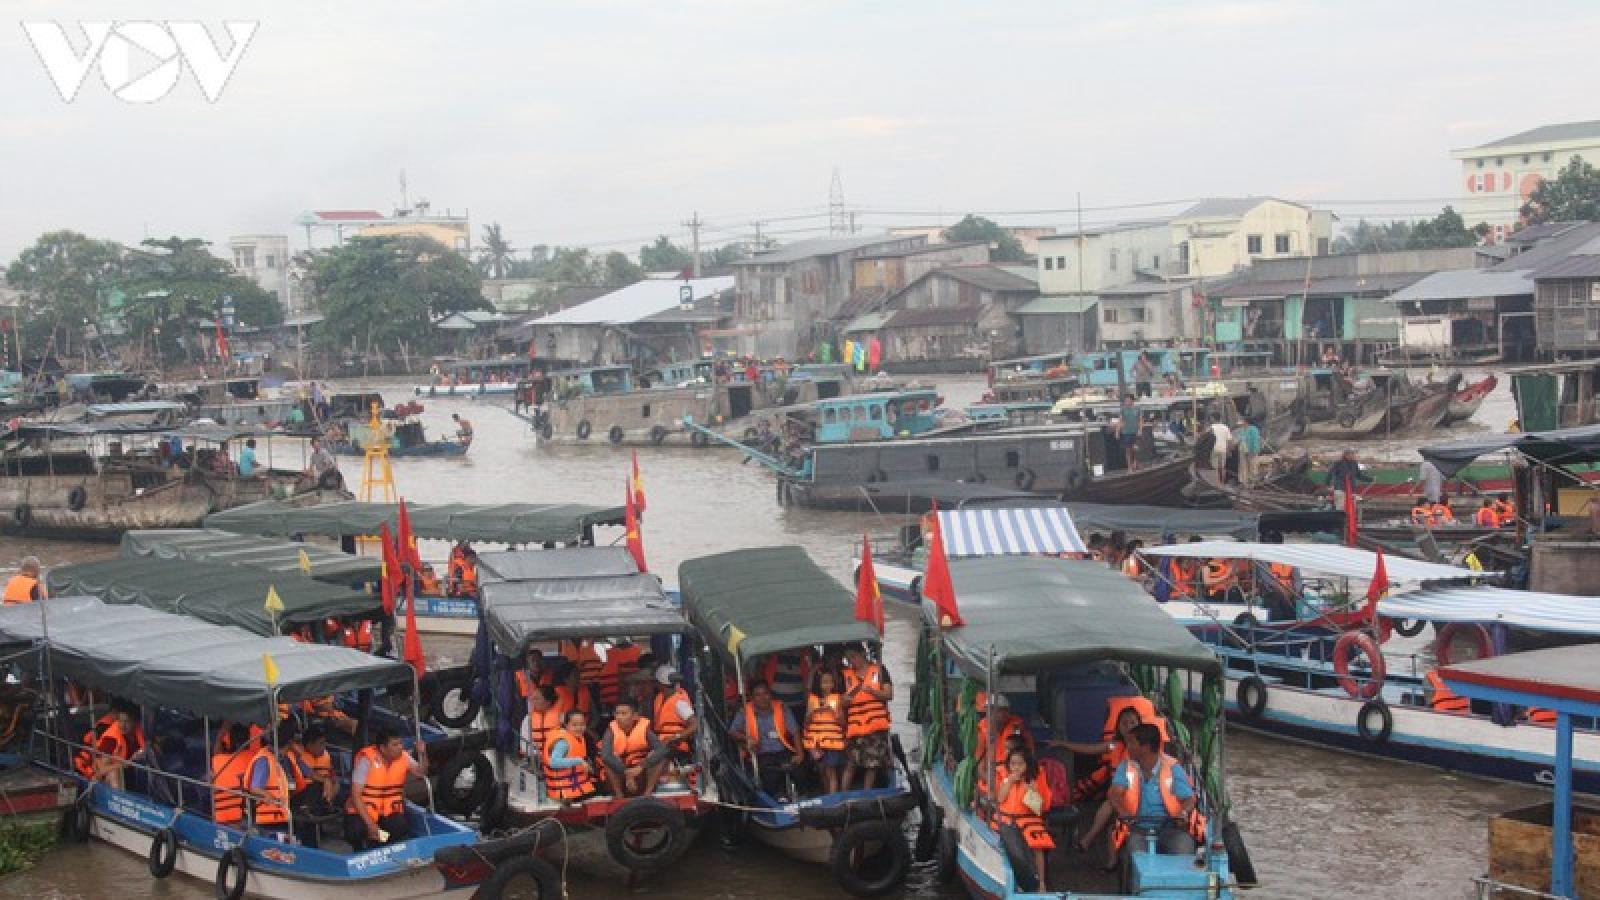 5 điểm nổi bật trong Quy hoạch vùng Đồng bằng Sông Cửu Long tầm nhìn đến 2050